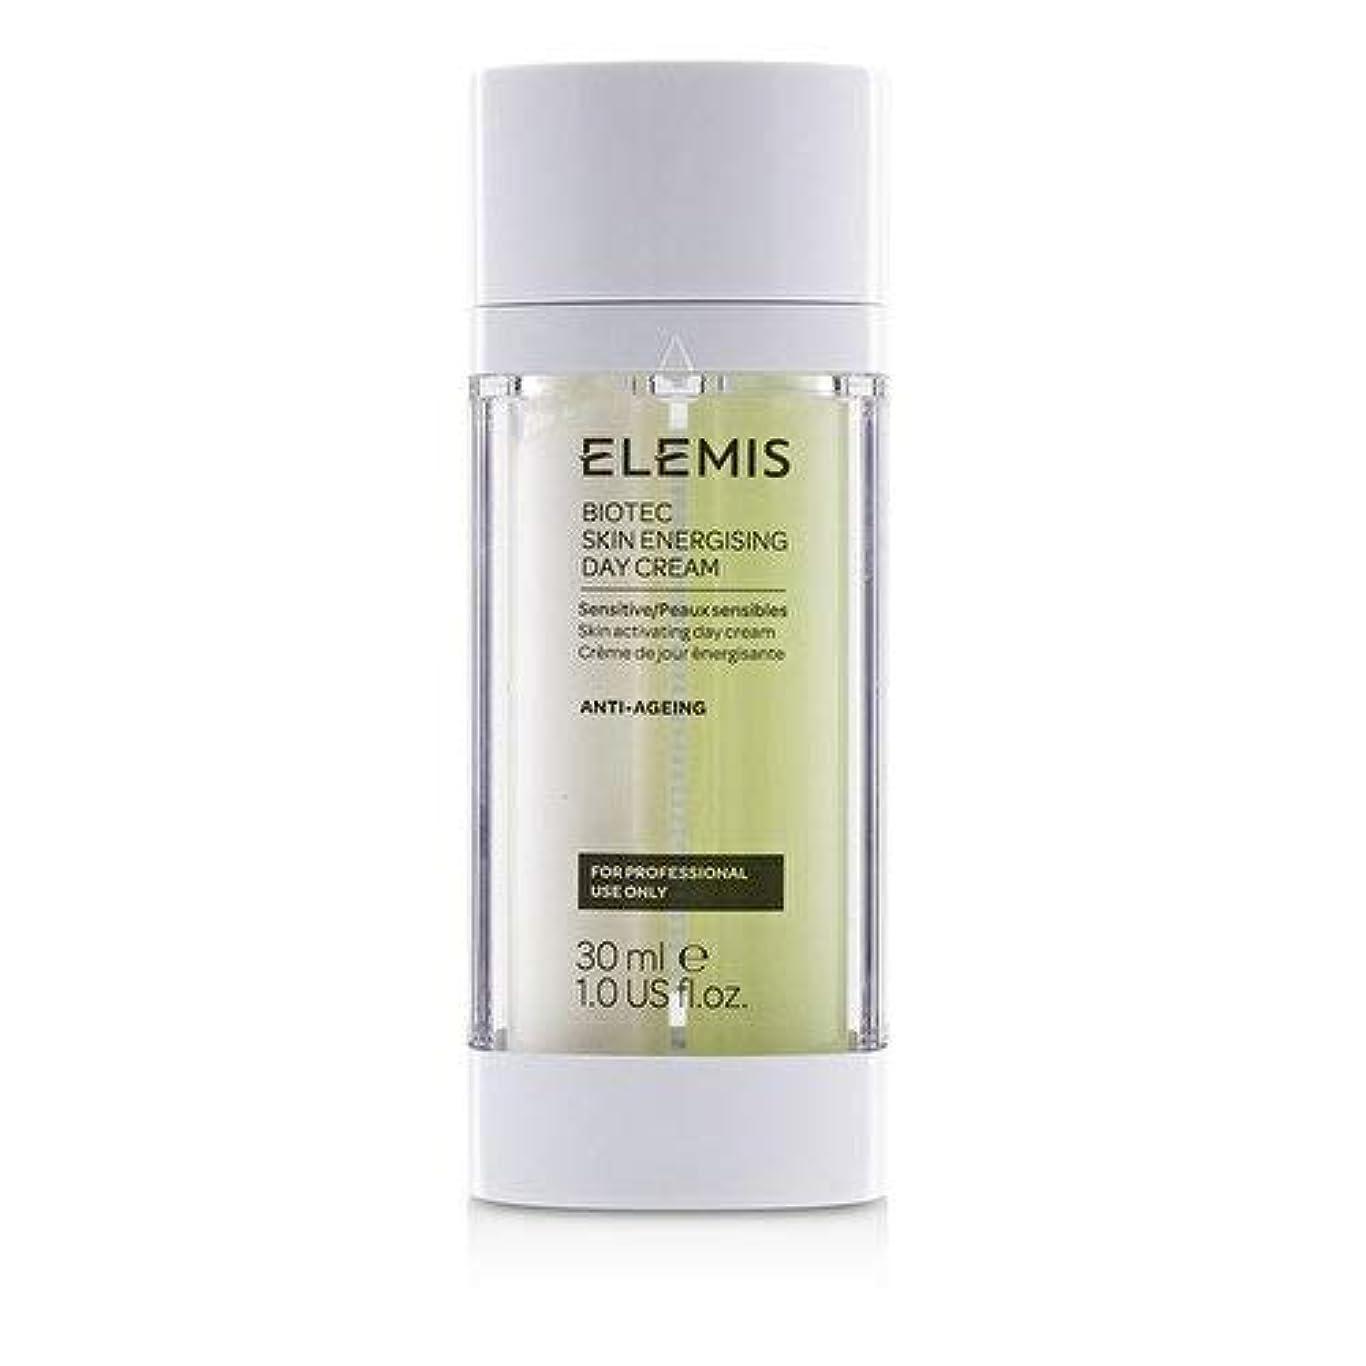 海洋の安全ふけるエレミス BIOTEC Skin Energising Day Cream - Sensitive (Salon Product) 30ml/1oz並行輸入品